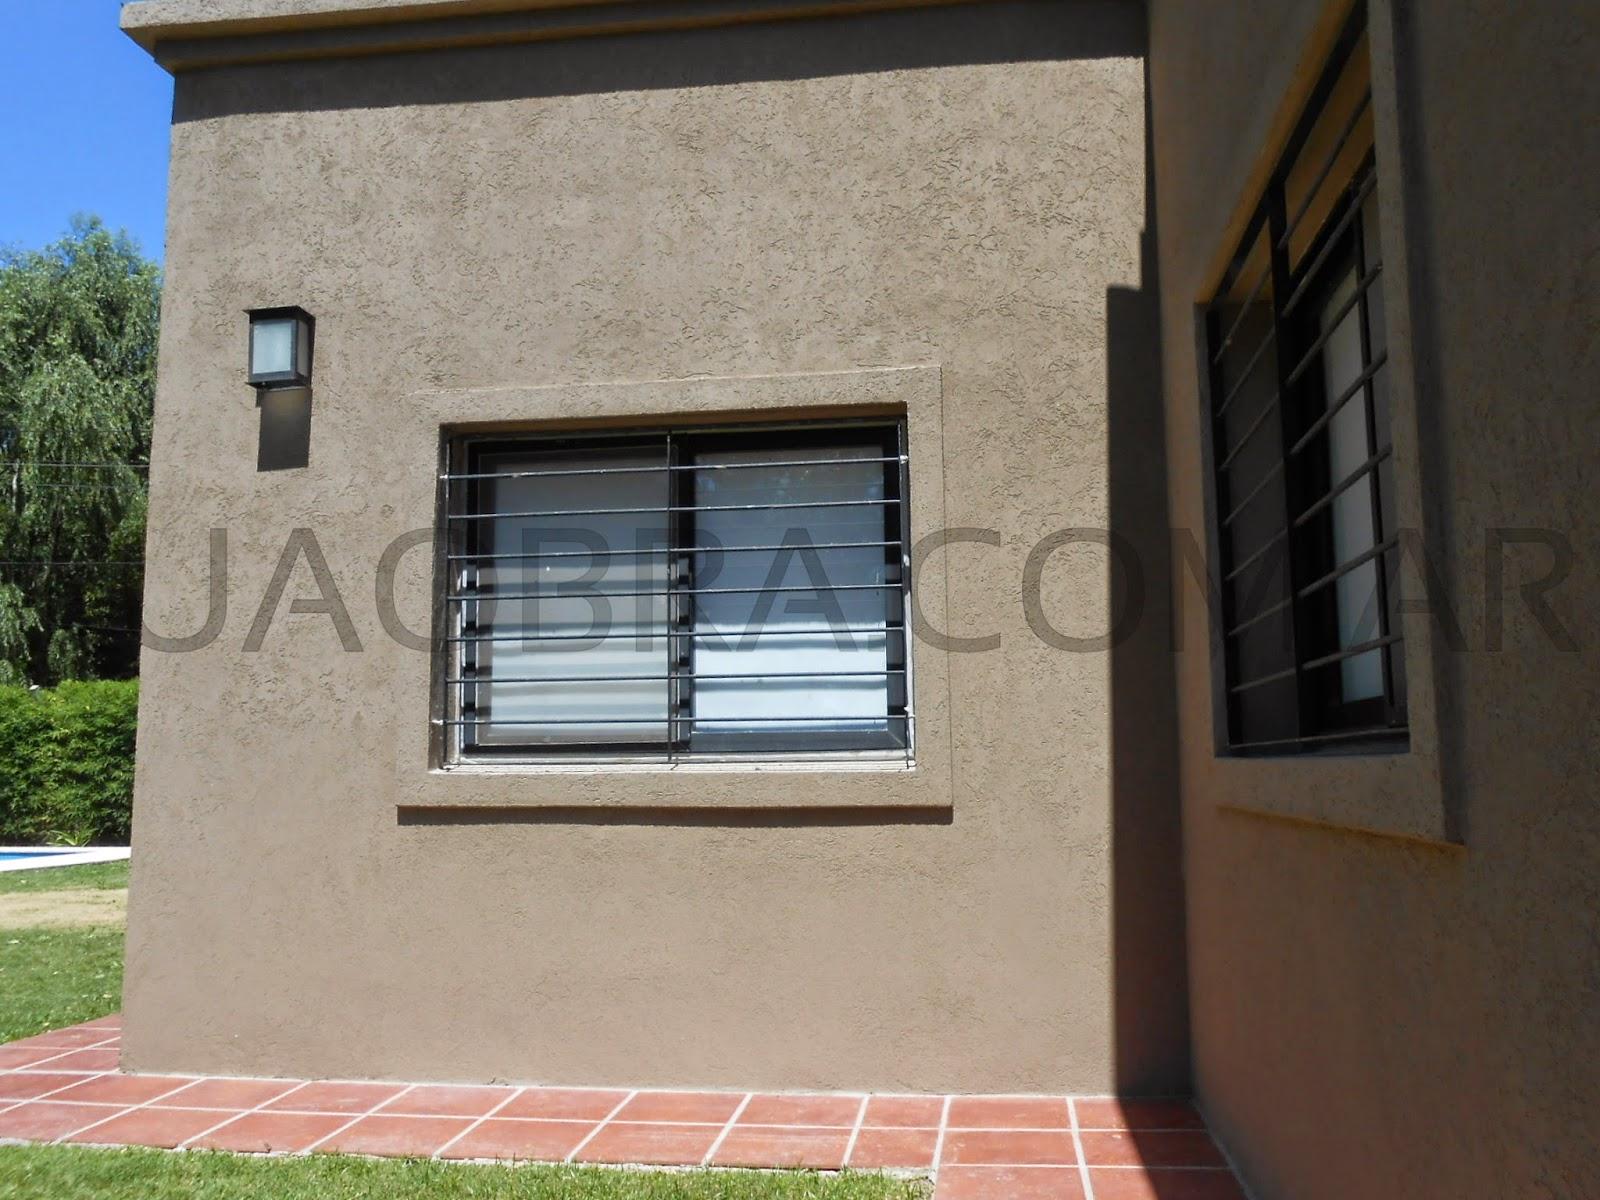 Colocacion profesional tarquini suaobra com ar for Colores beige para paredes exteriores